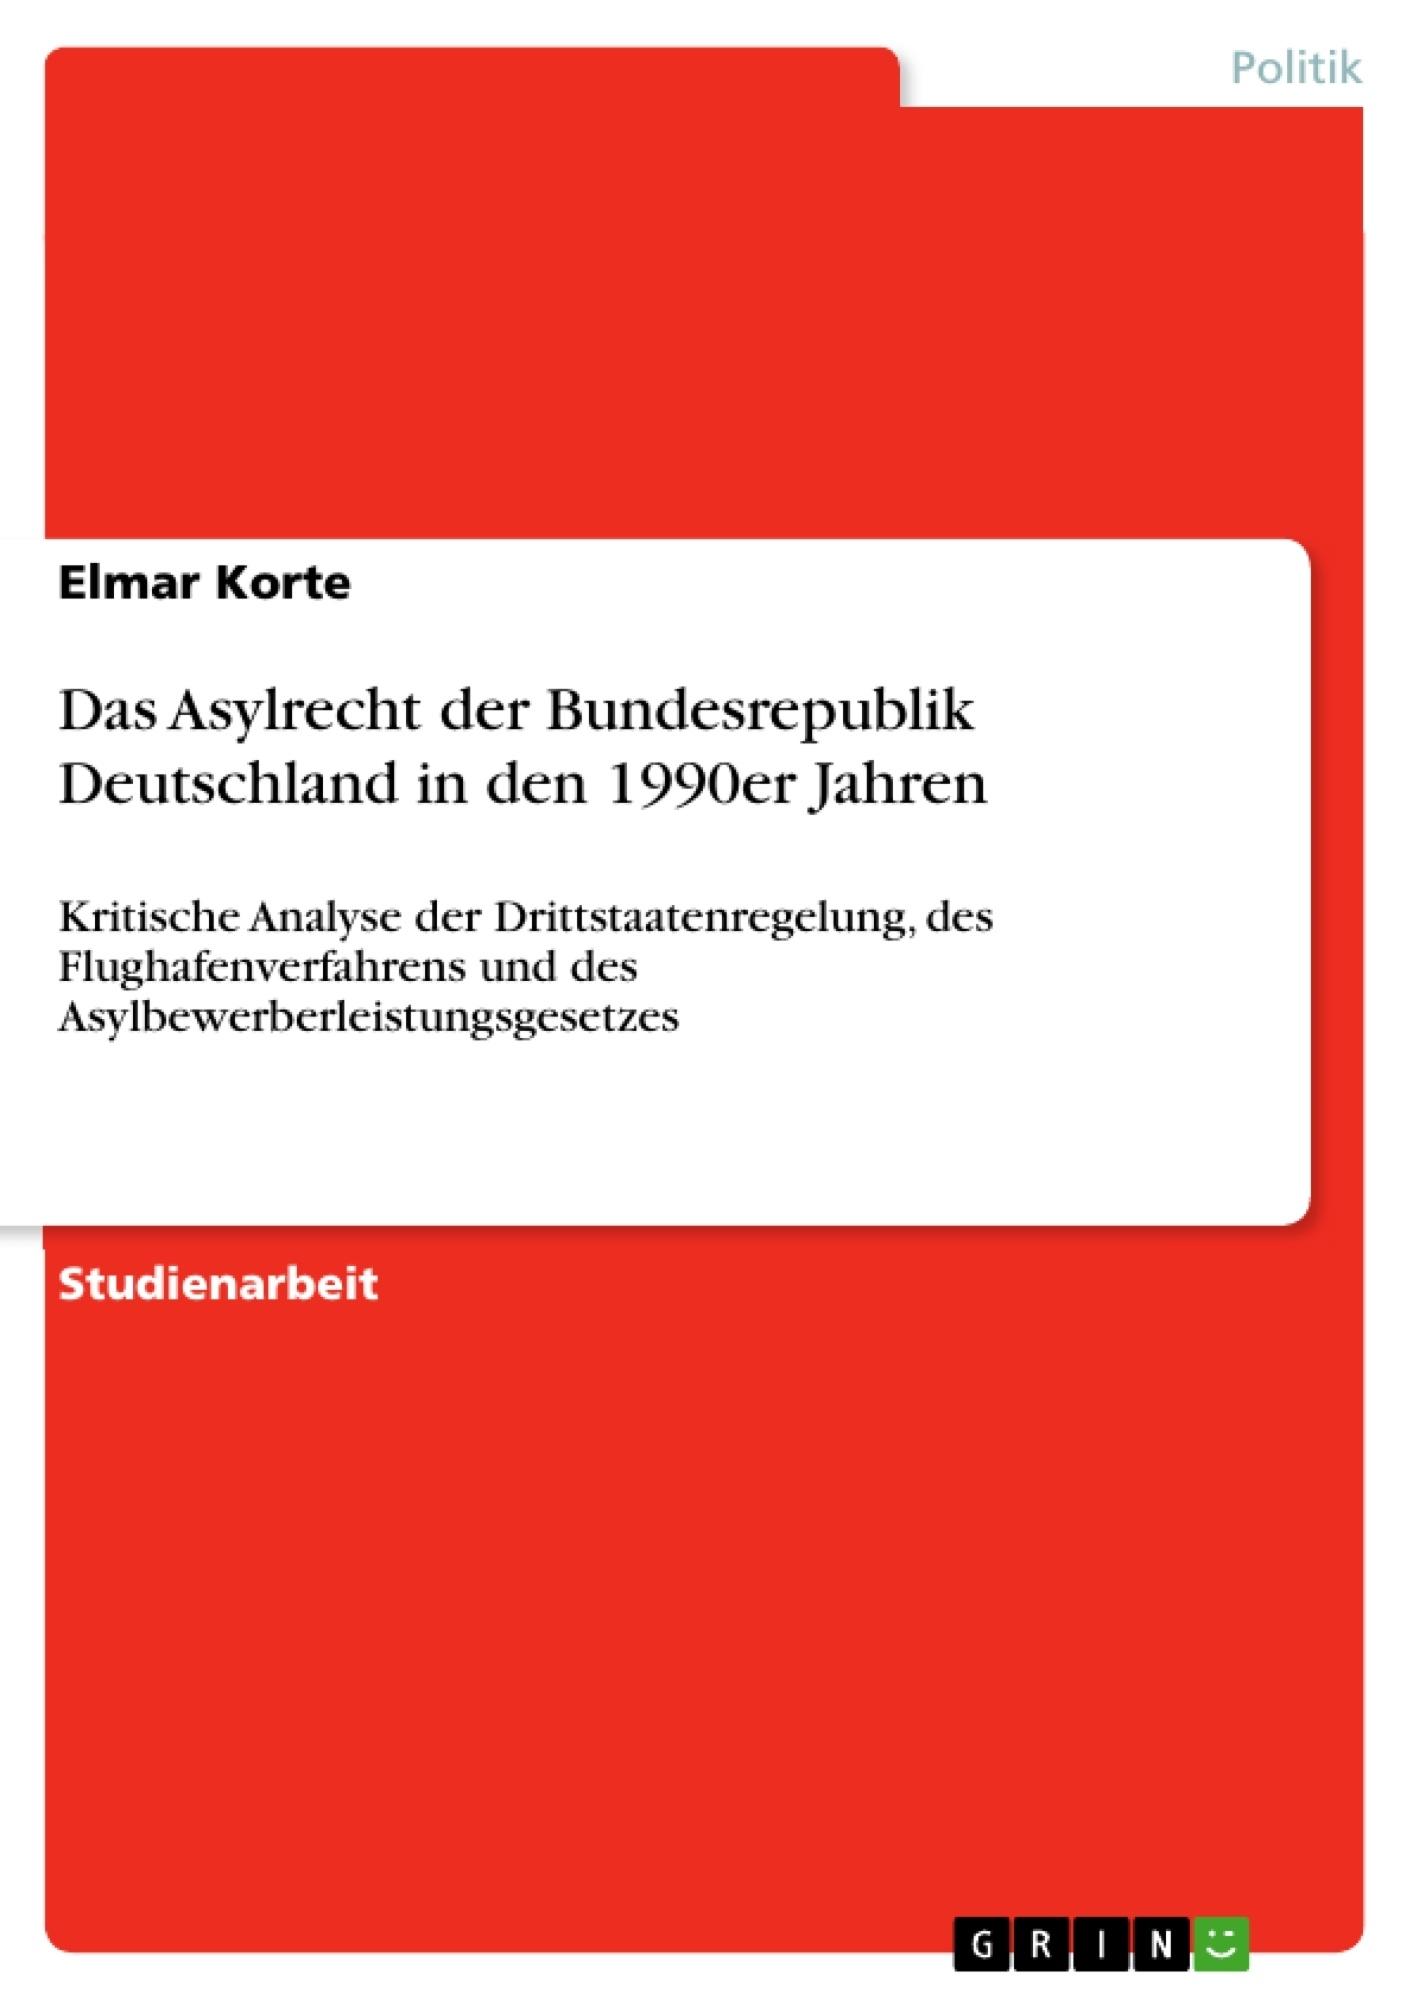 Titel: Das Asylrecht der Bundesrepublik Deutschland in den 1990er Jahren